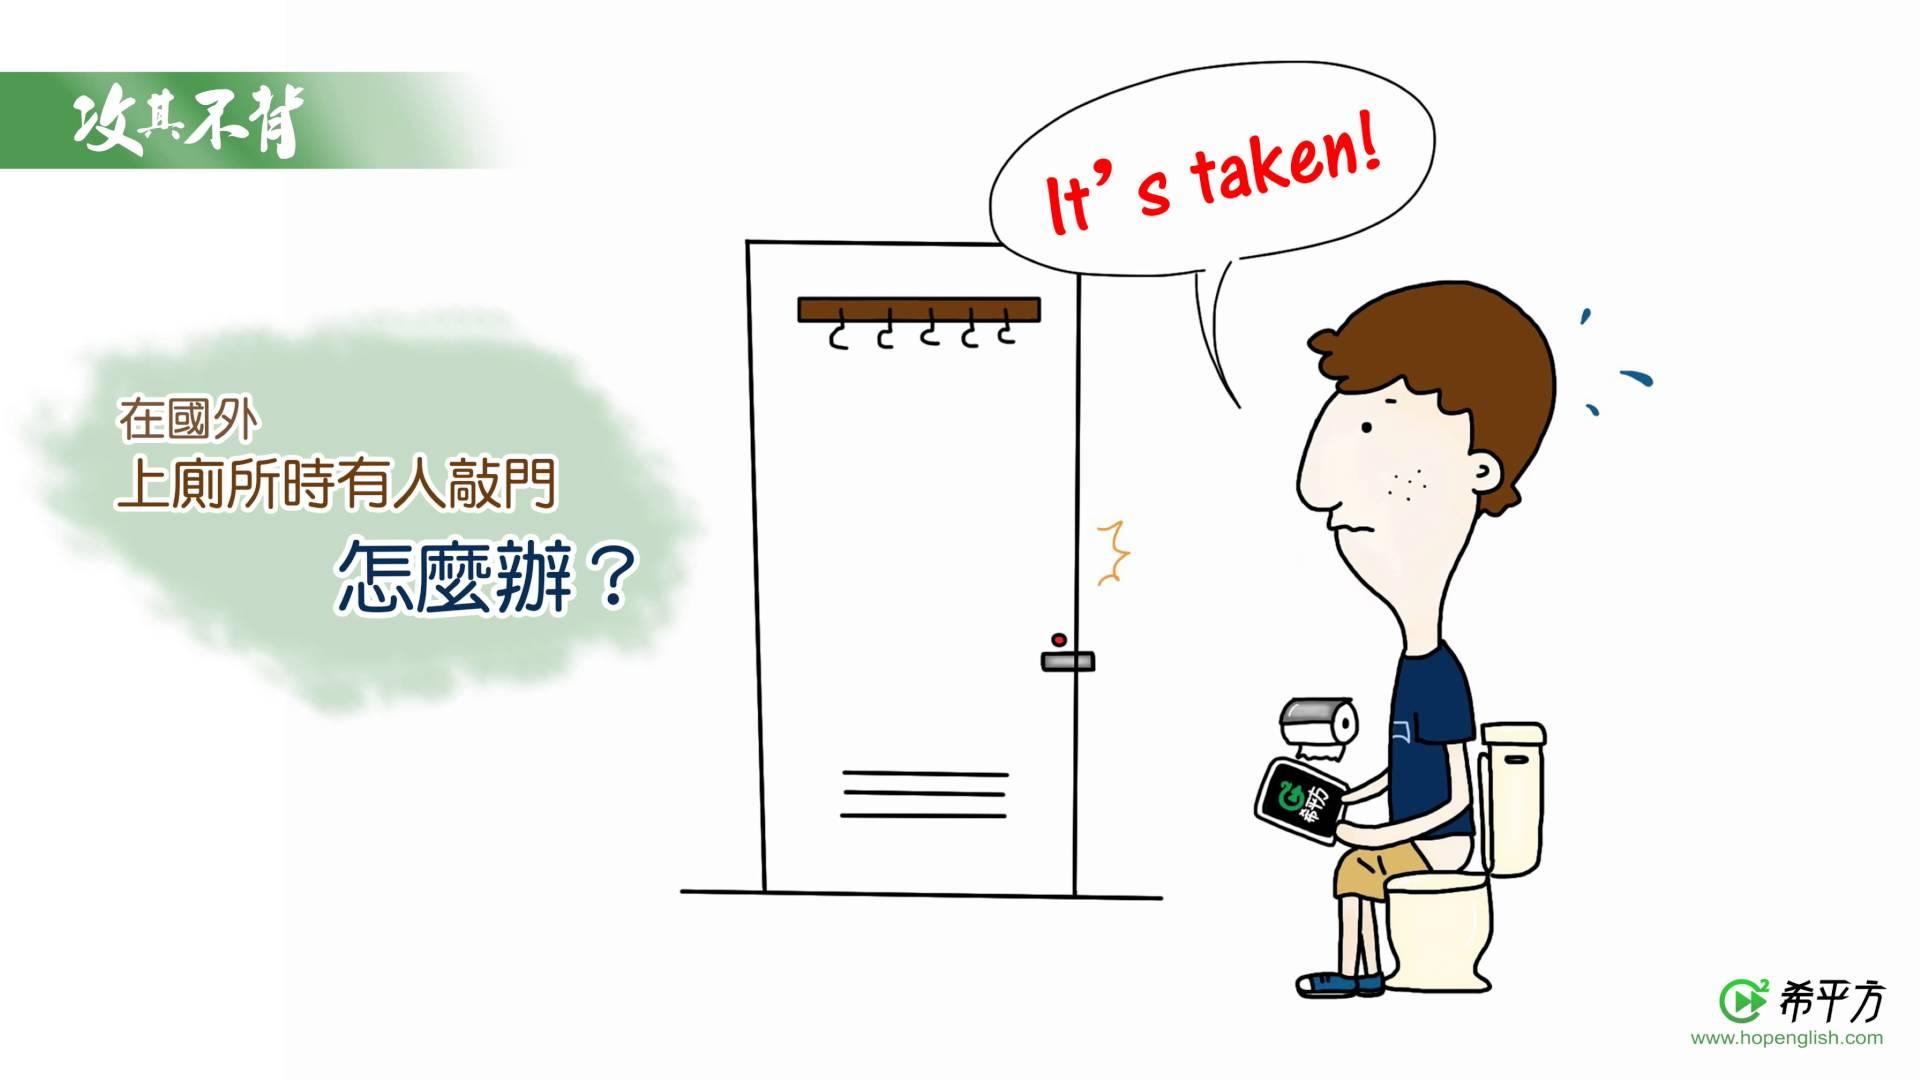 希平方 - 生活會話(二) - 上廁所篇